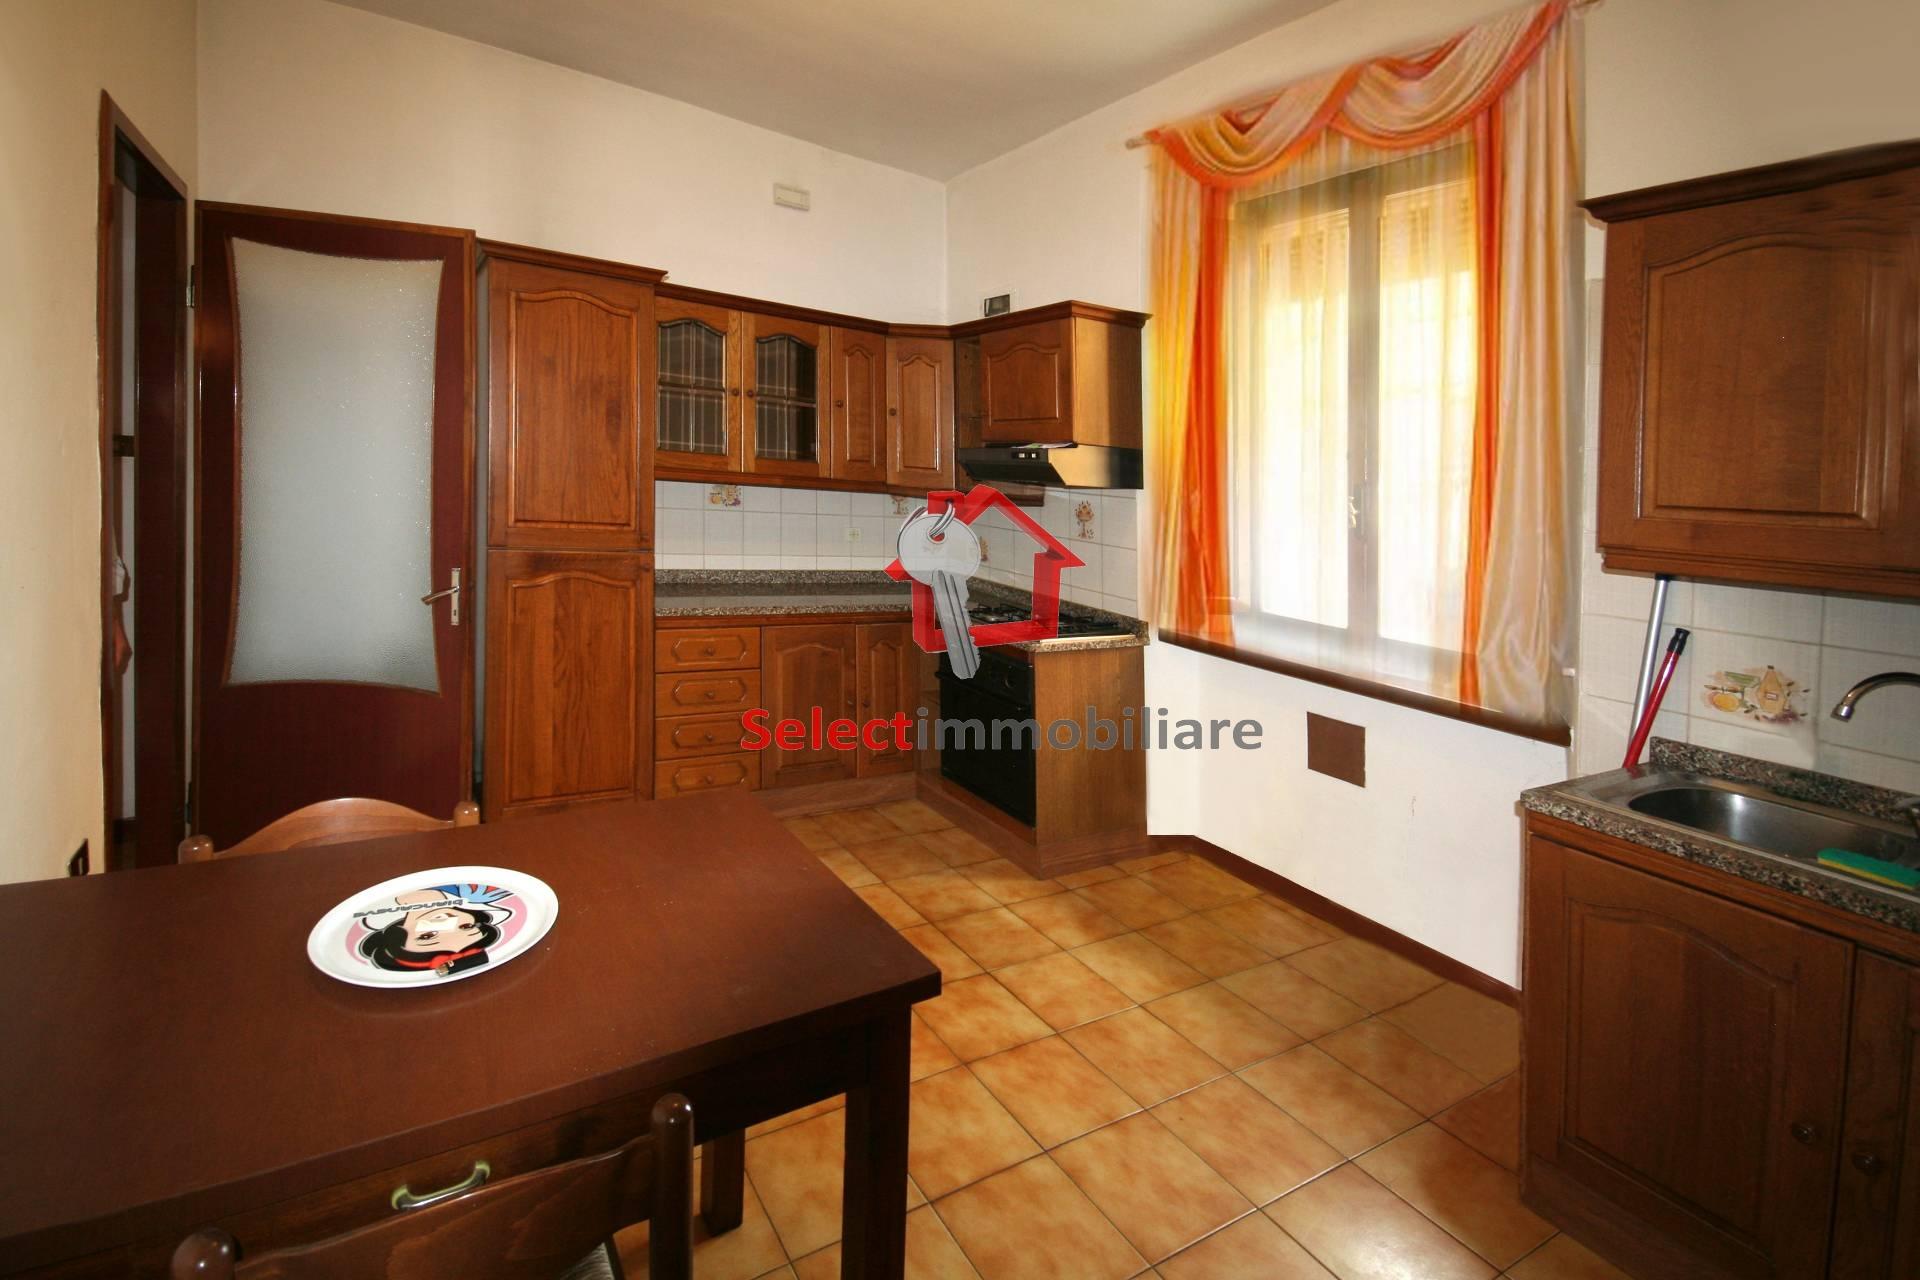 Appartamento in vendita a Barga, 4 locali, zona Località: PonteallAnia, prezzo € 90.000 | PortaleAgenzieImmobiliari.it